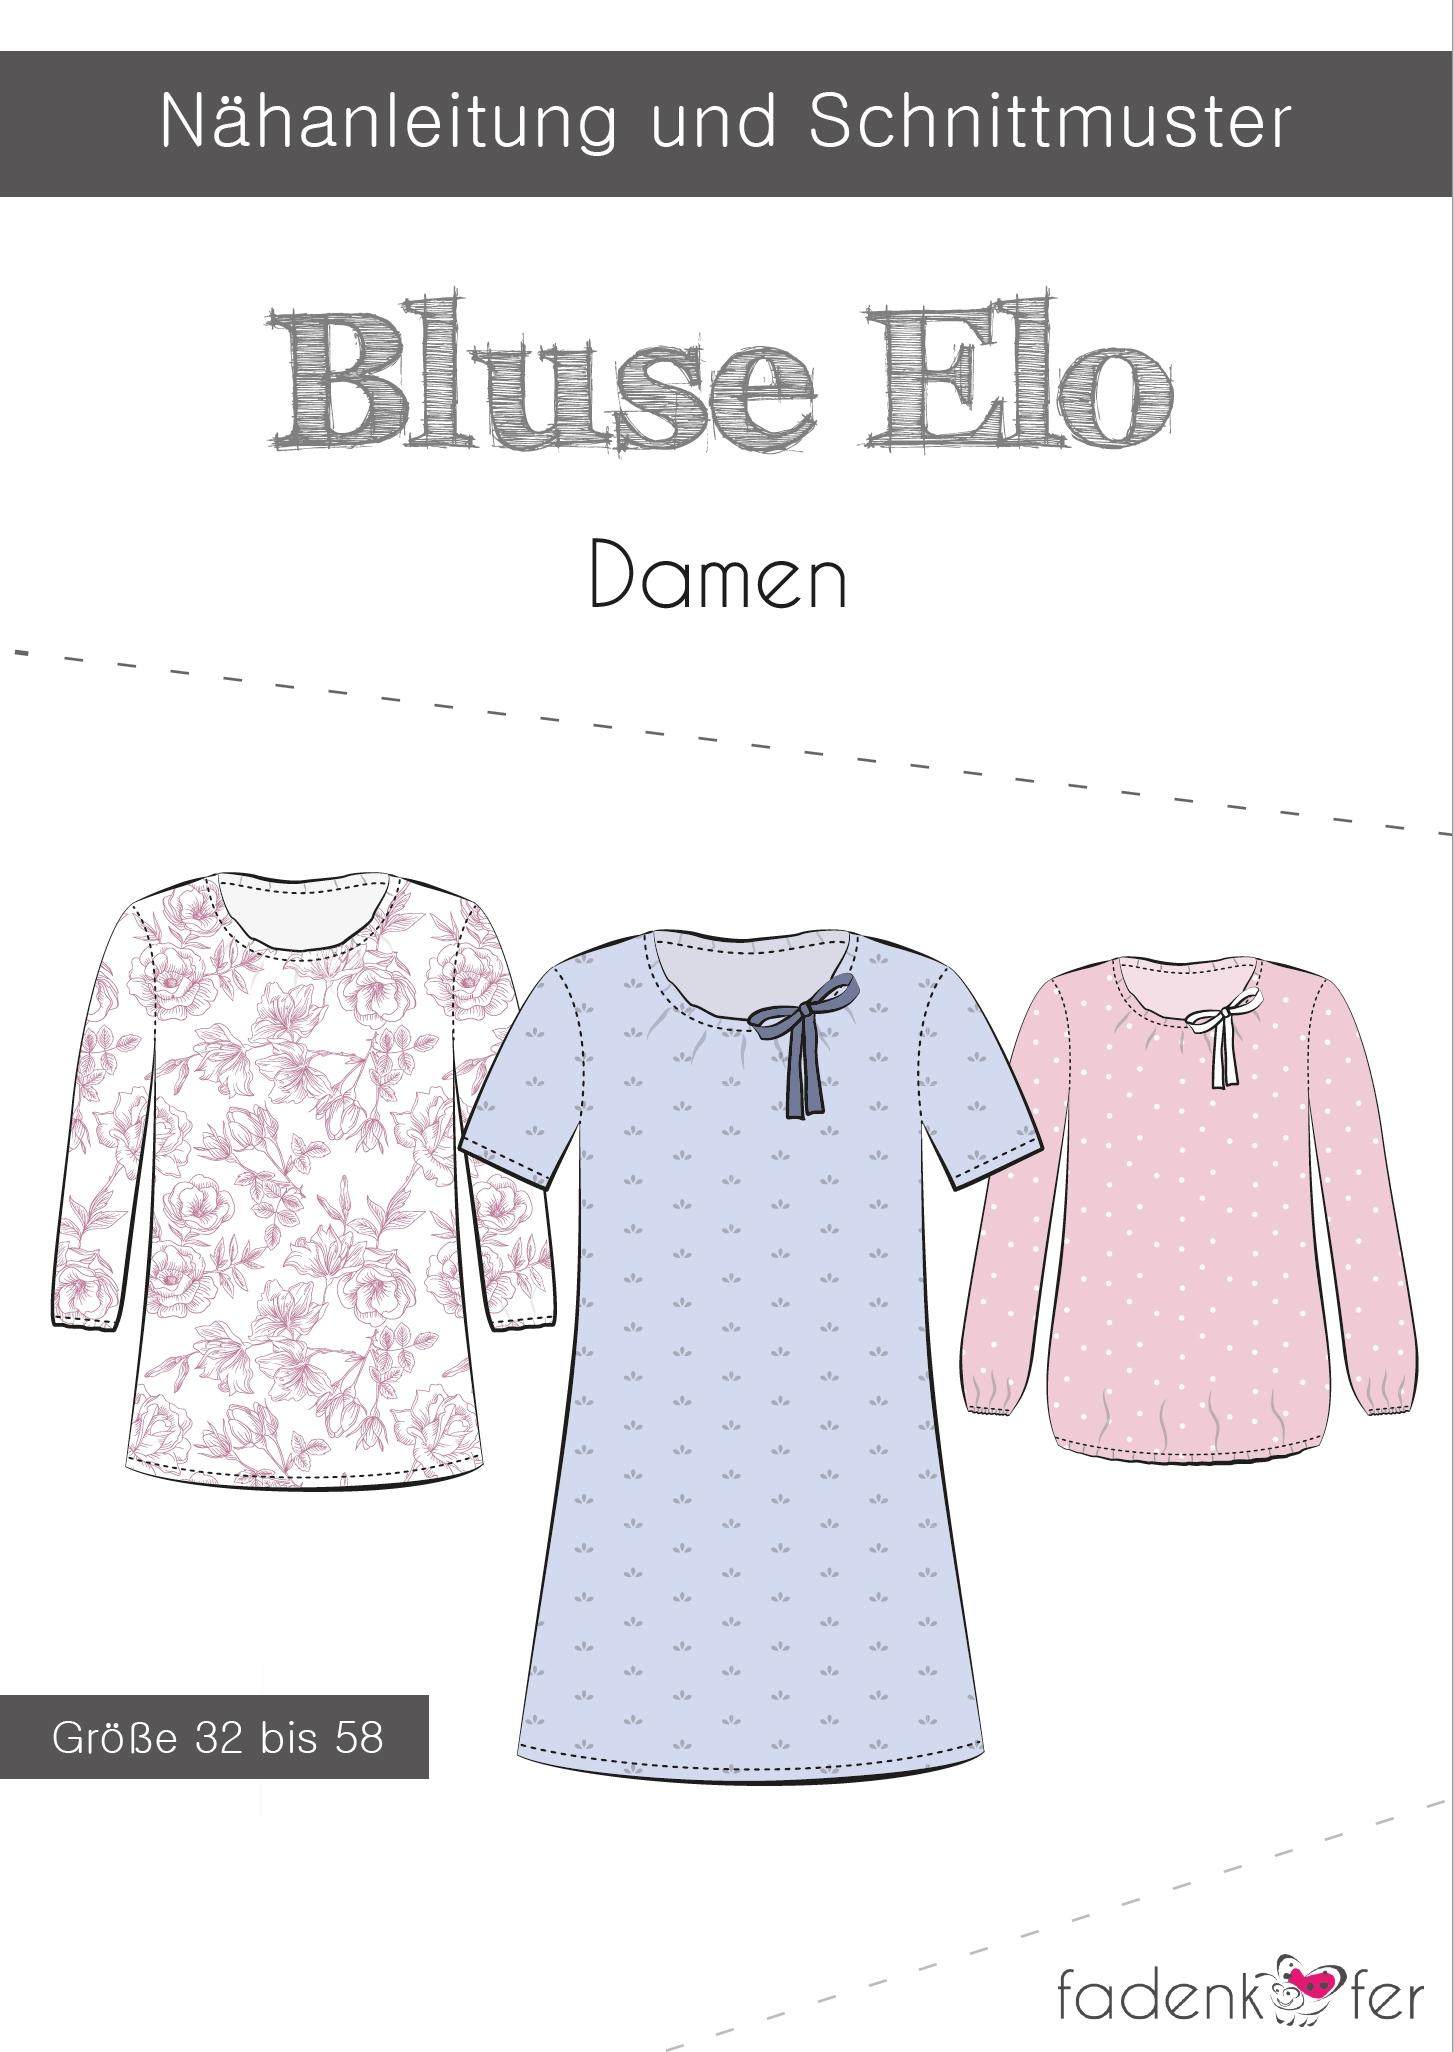 Papierschnittmuster Bluse Elo für Damen 32-58 von Fadenkäfer